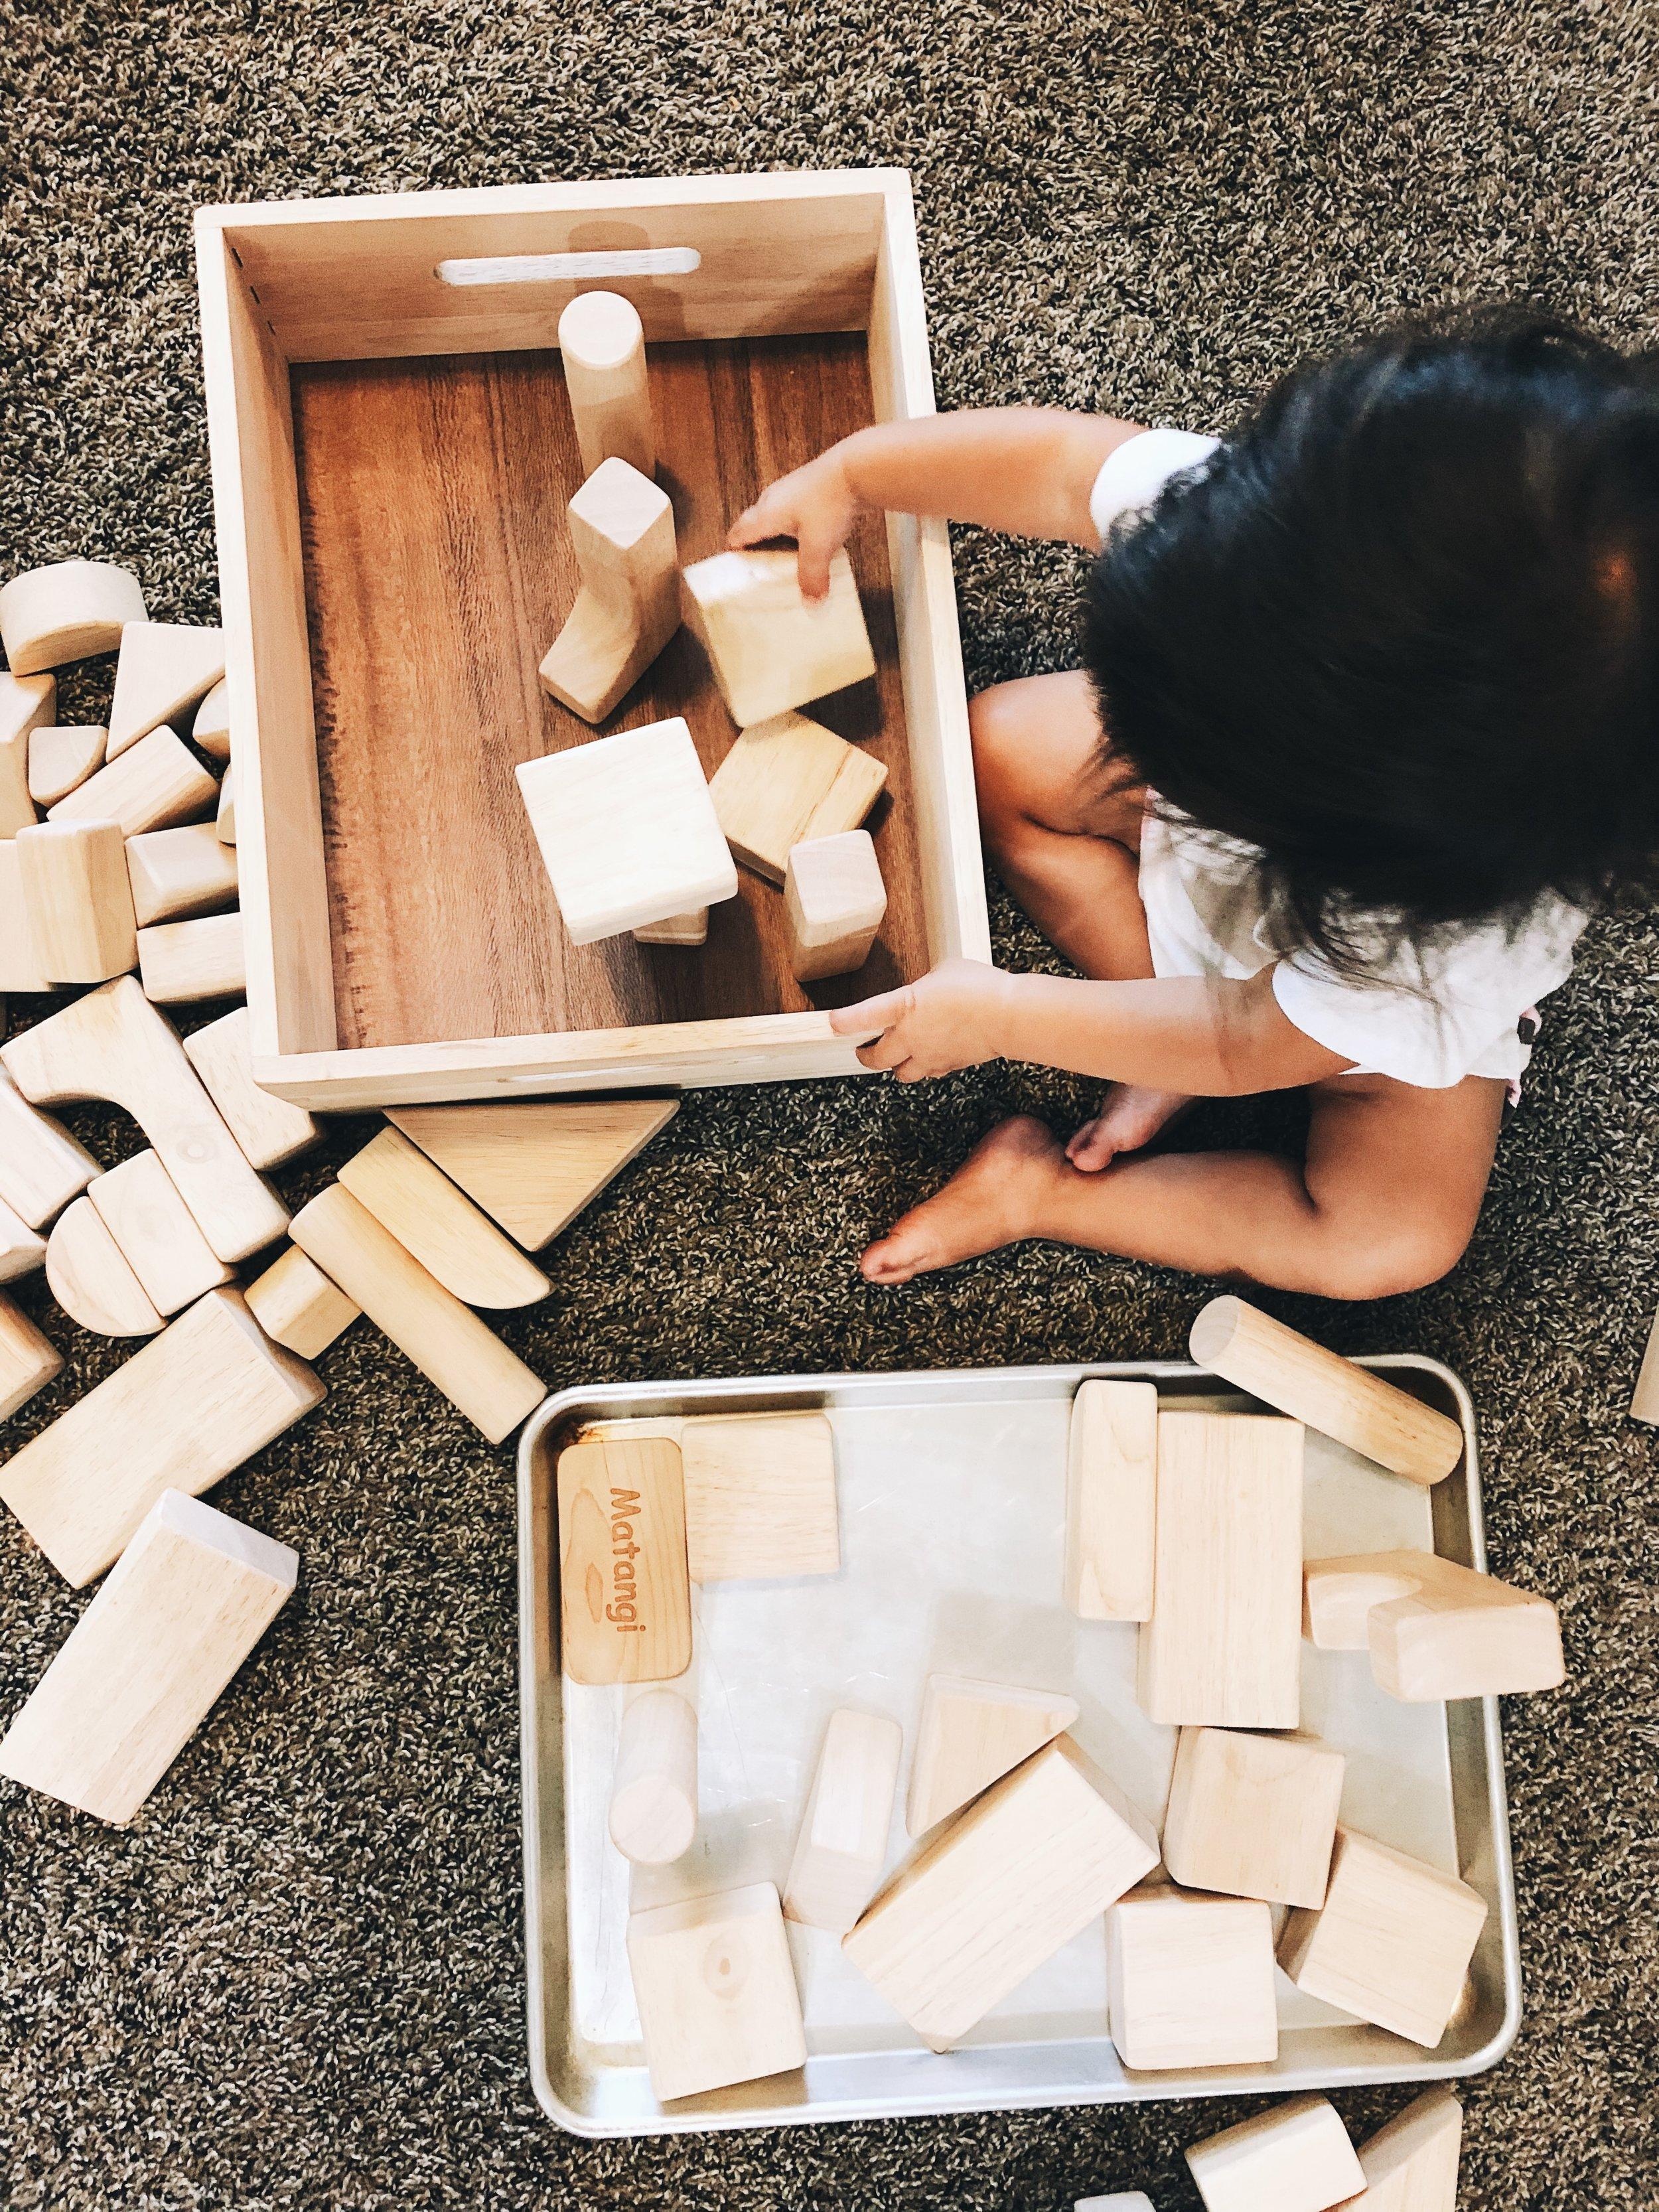 developmental-stages-of-block-play.JPG